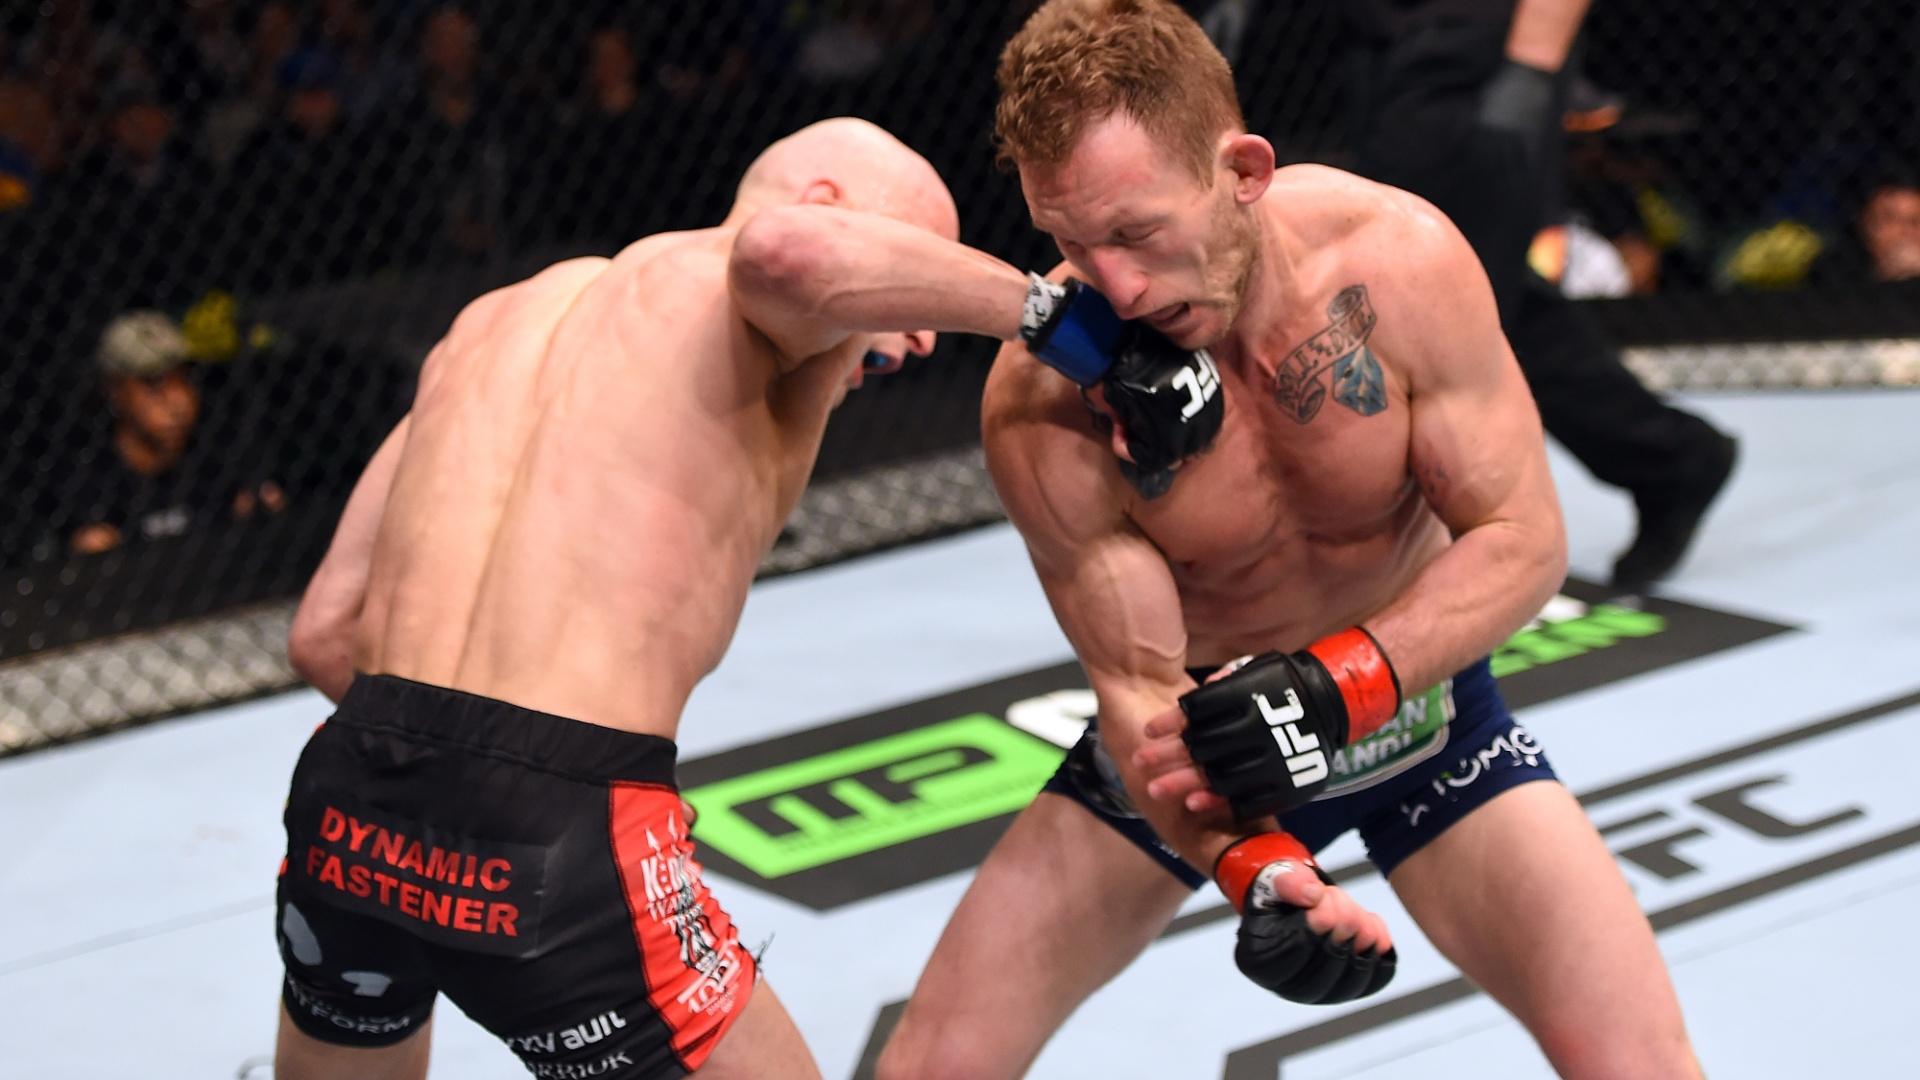 Alexander Yakovlev acerta em cheio Gray Maynard, durante sua vitória no UFC em Fairfax (EUA). Maynard perdeu pela quarta vez seguida e pode ser demitido do UFC